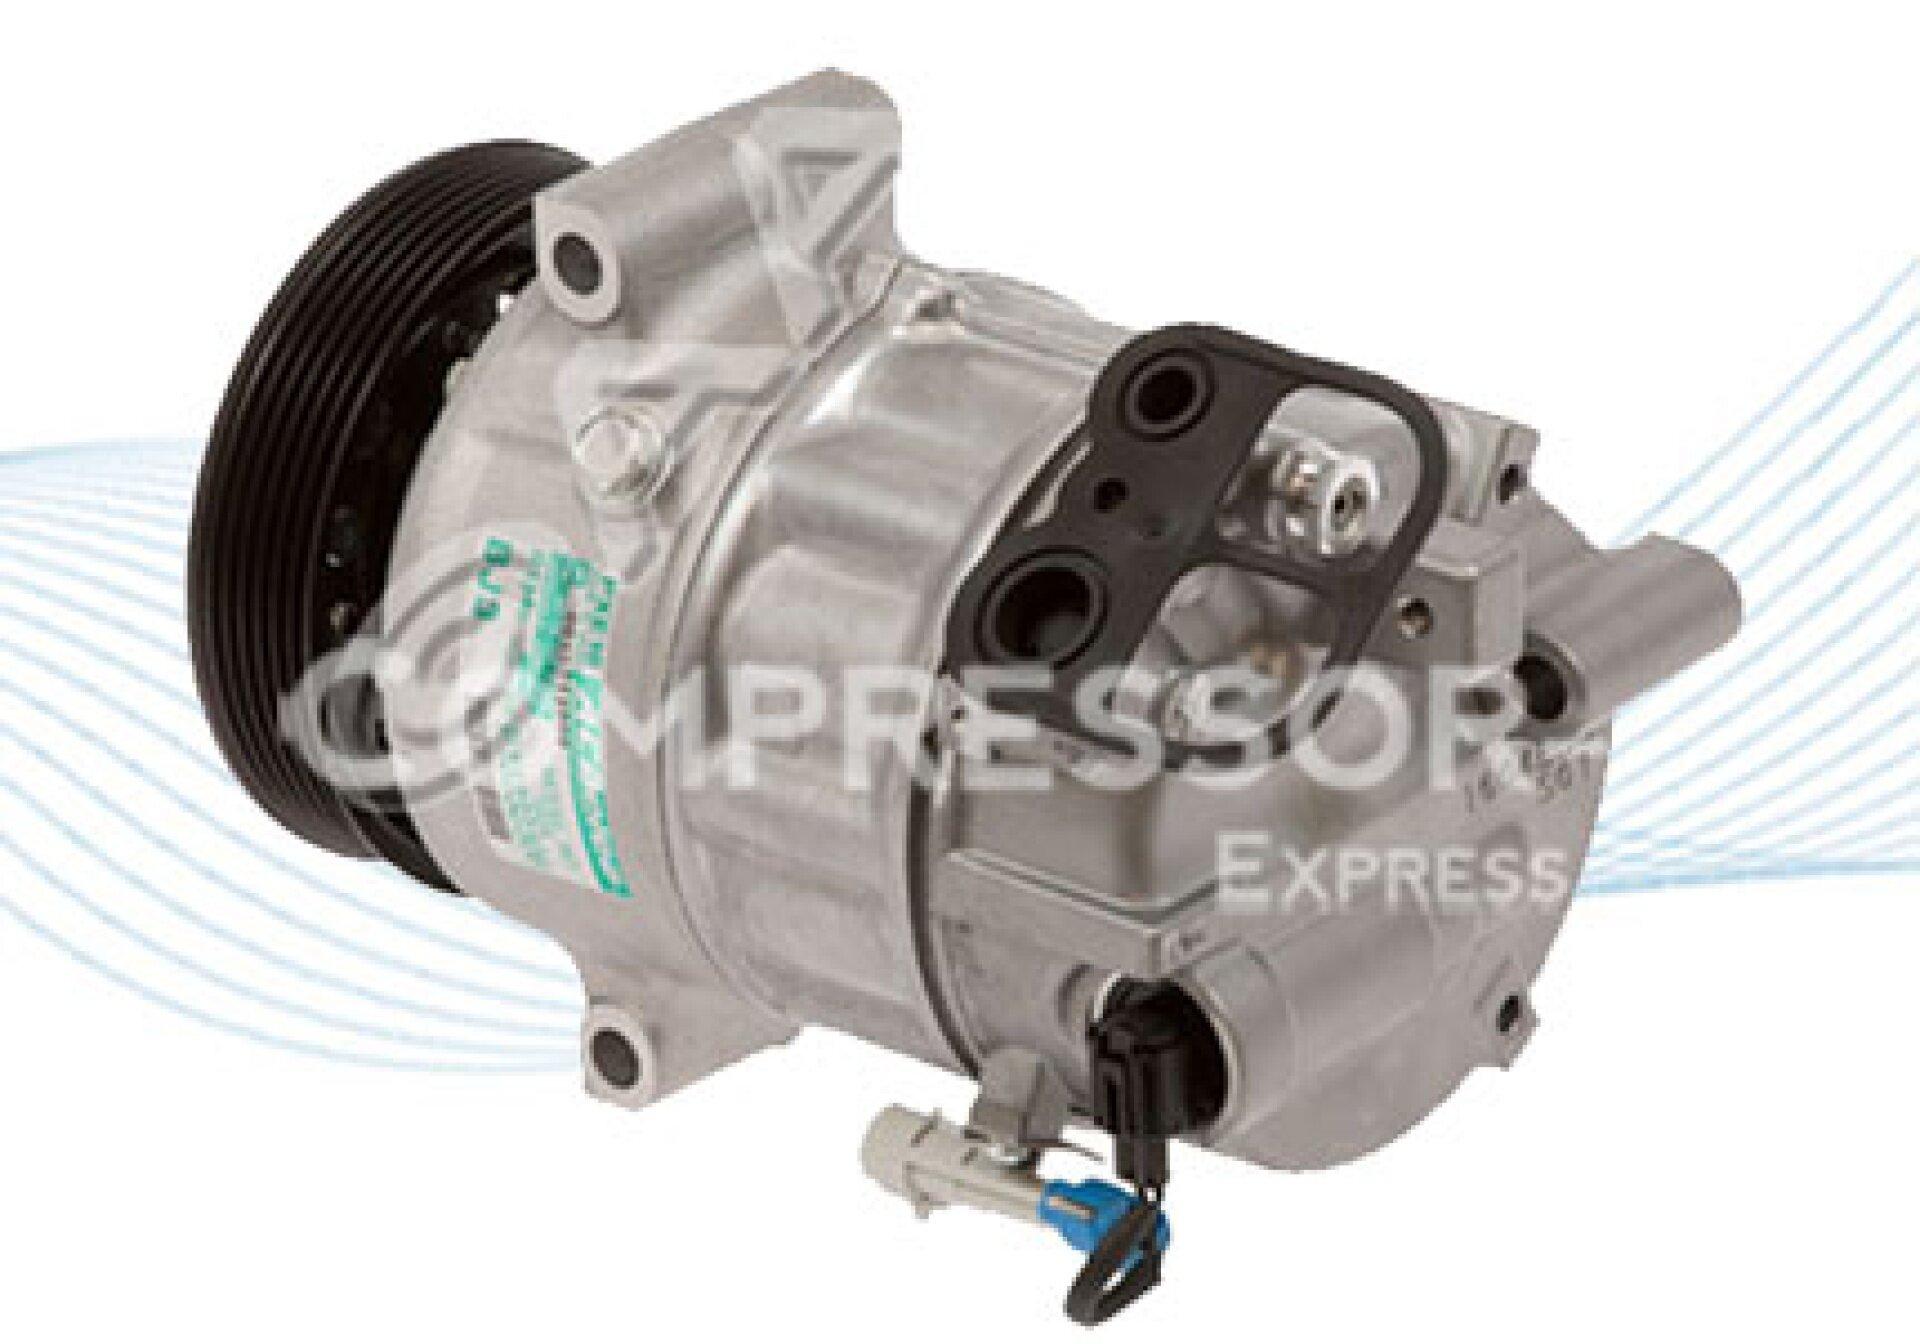 Sanden pxe16 compresor de aire acondicionado 13232306 for Compresor de aire acondicionado